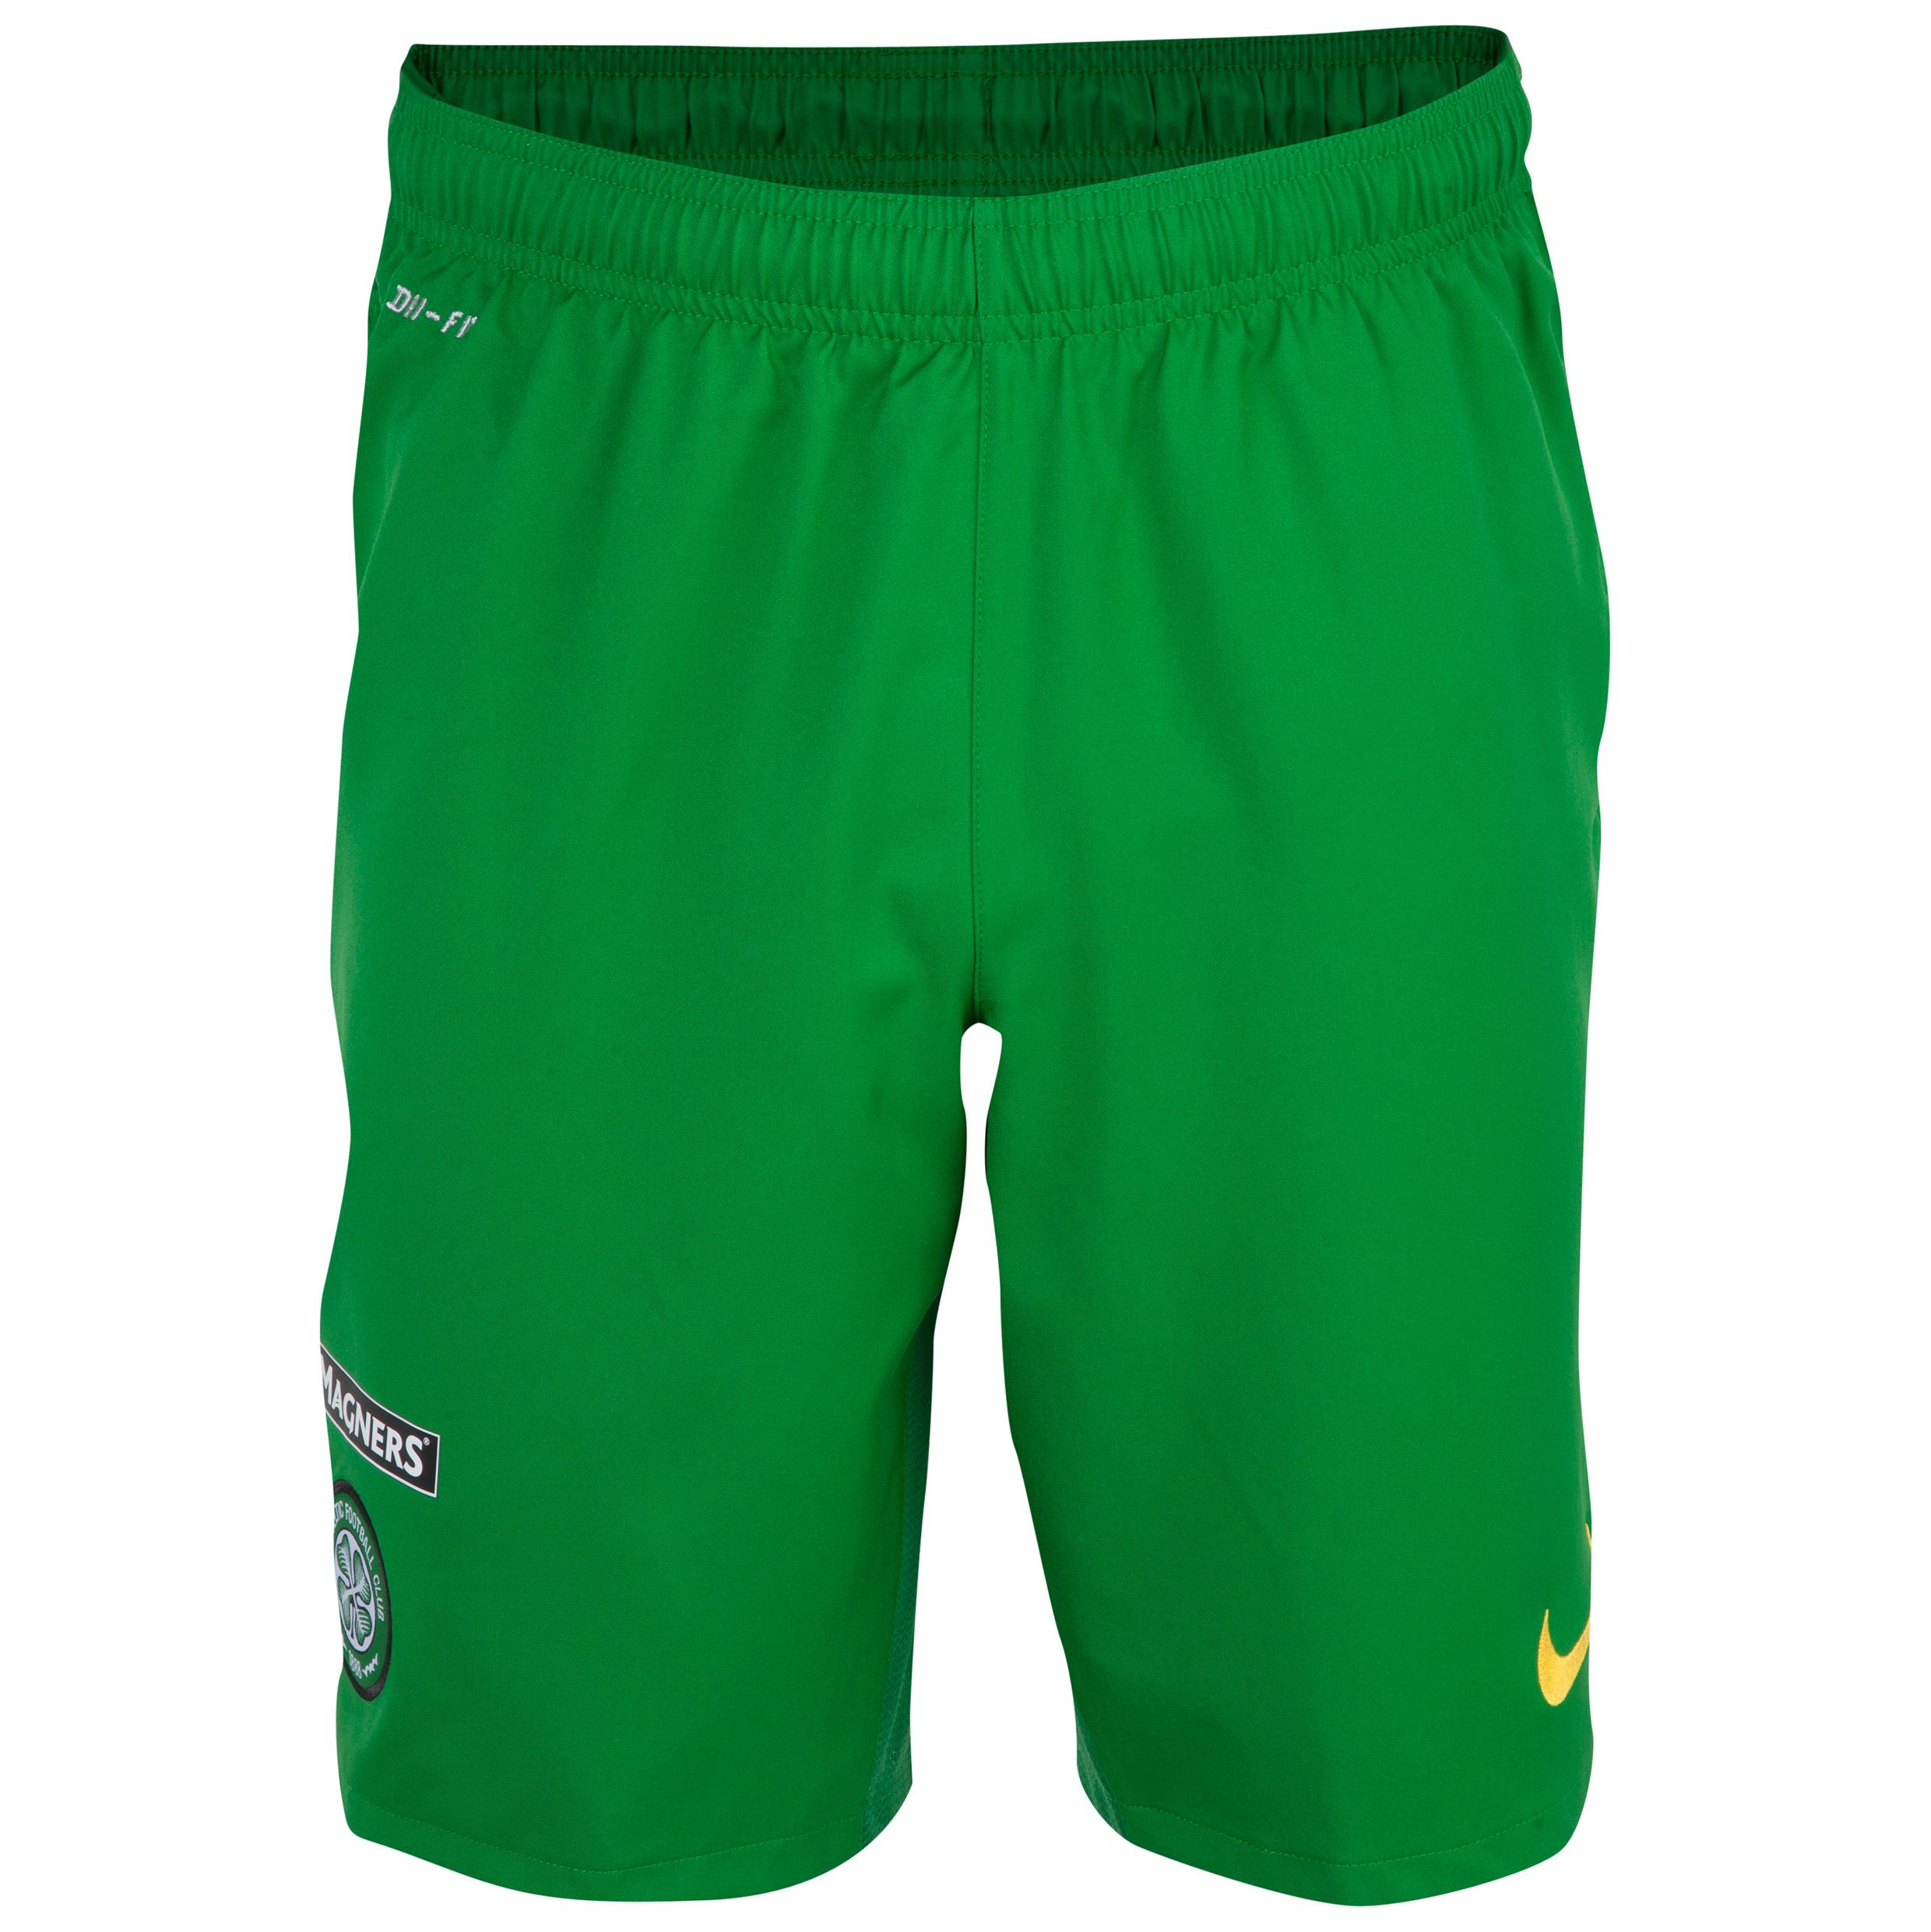 Celtic Away Short 2013/14